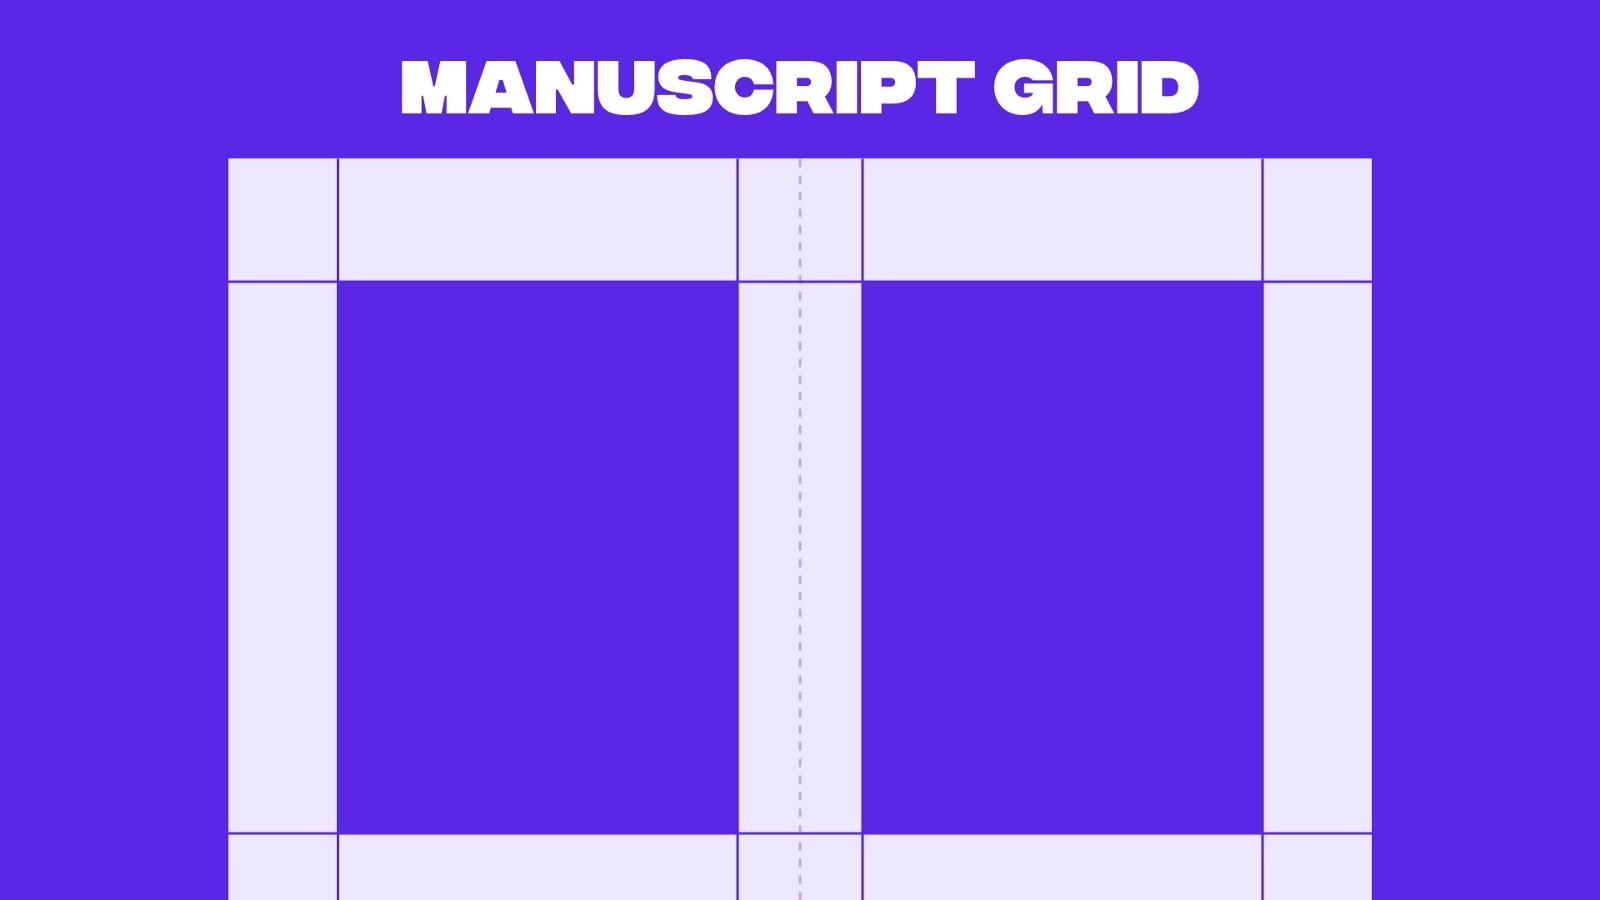 Example of a manuscript grid